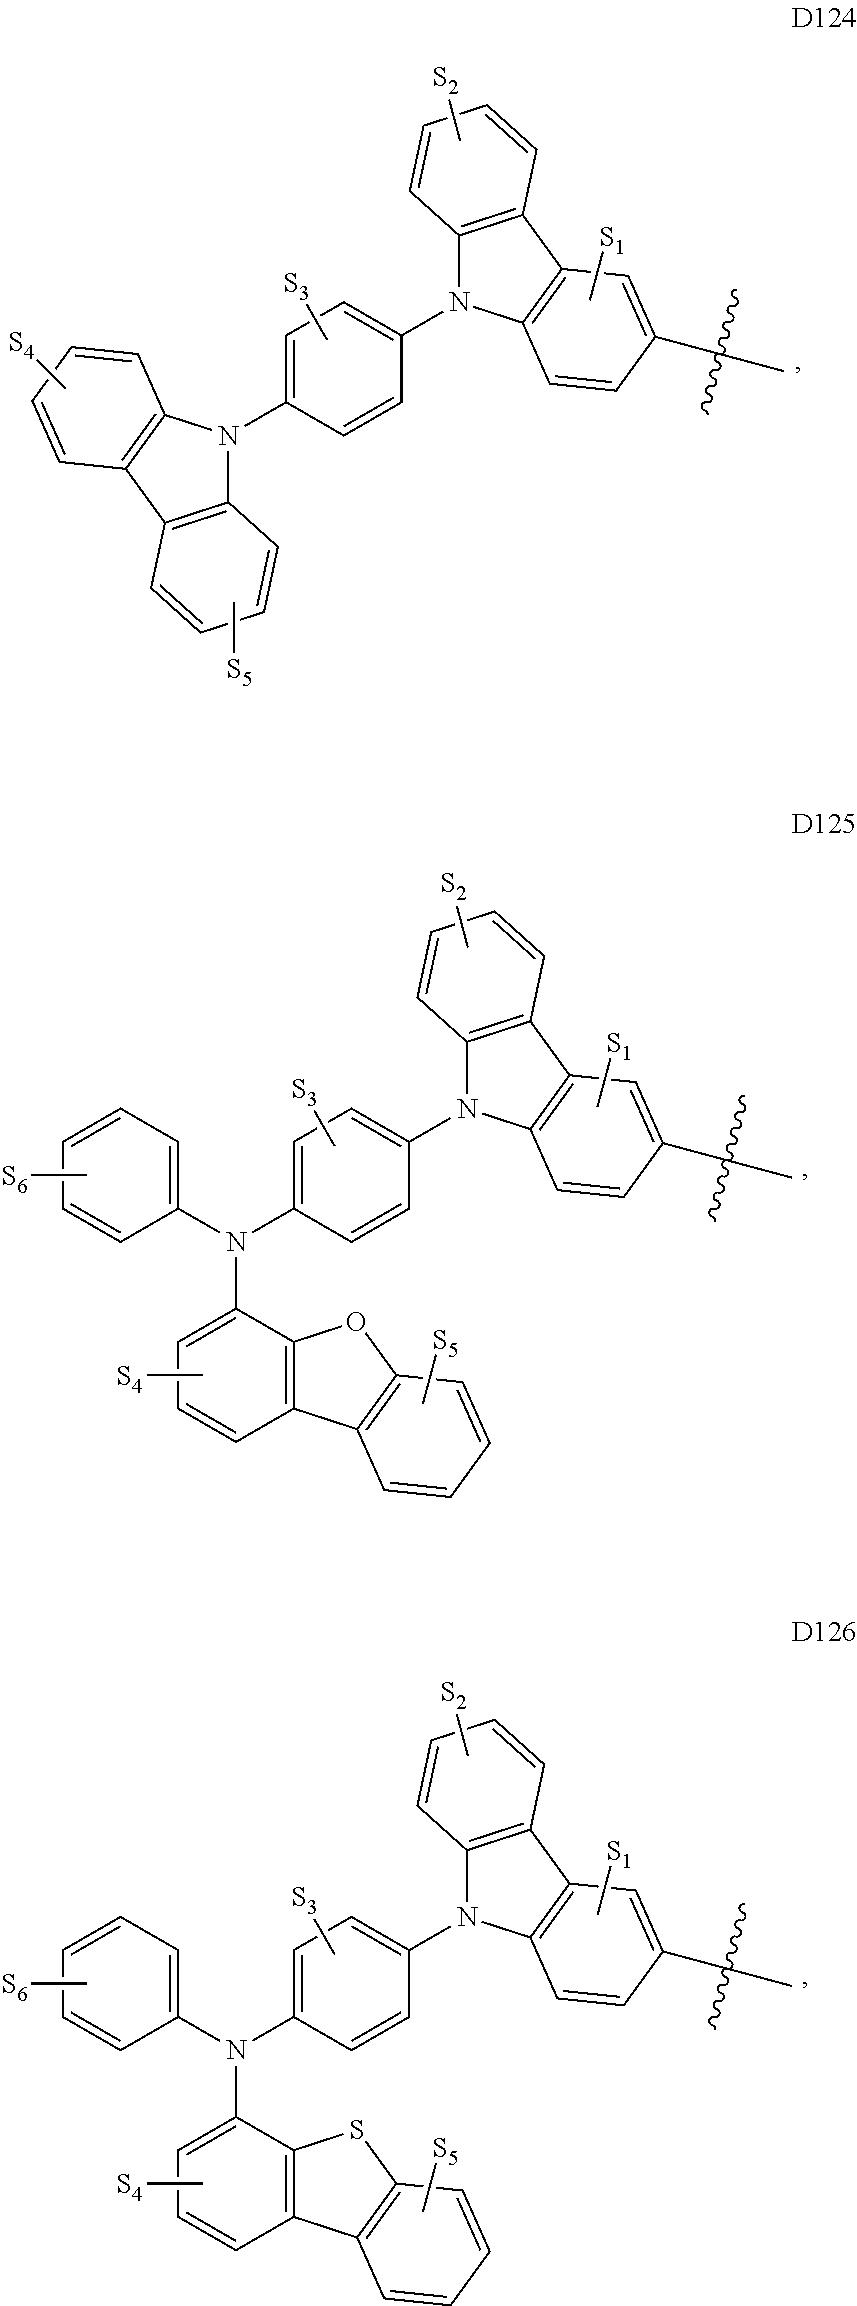 Figure US09537106-20170103-C00048